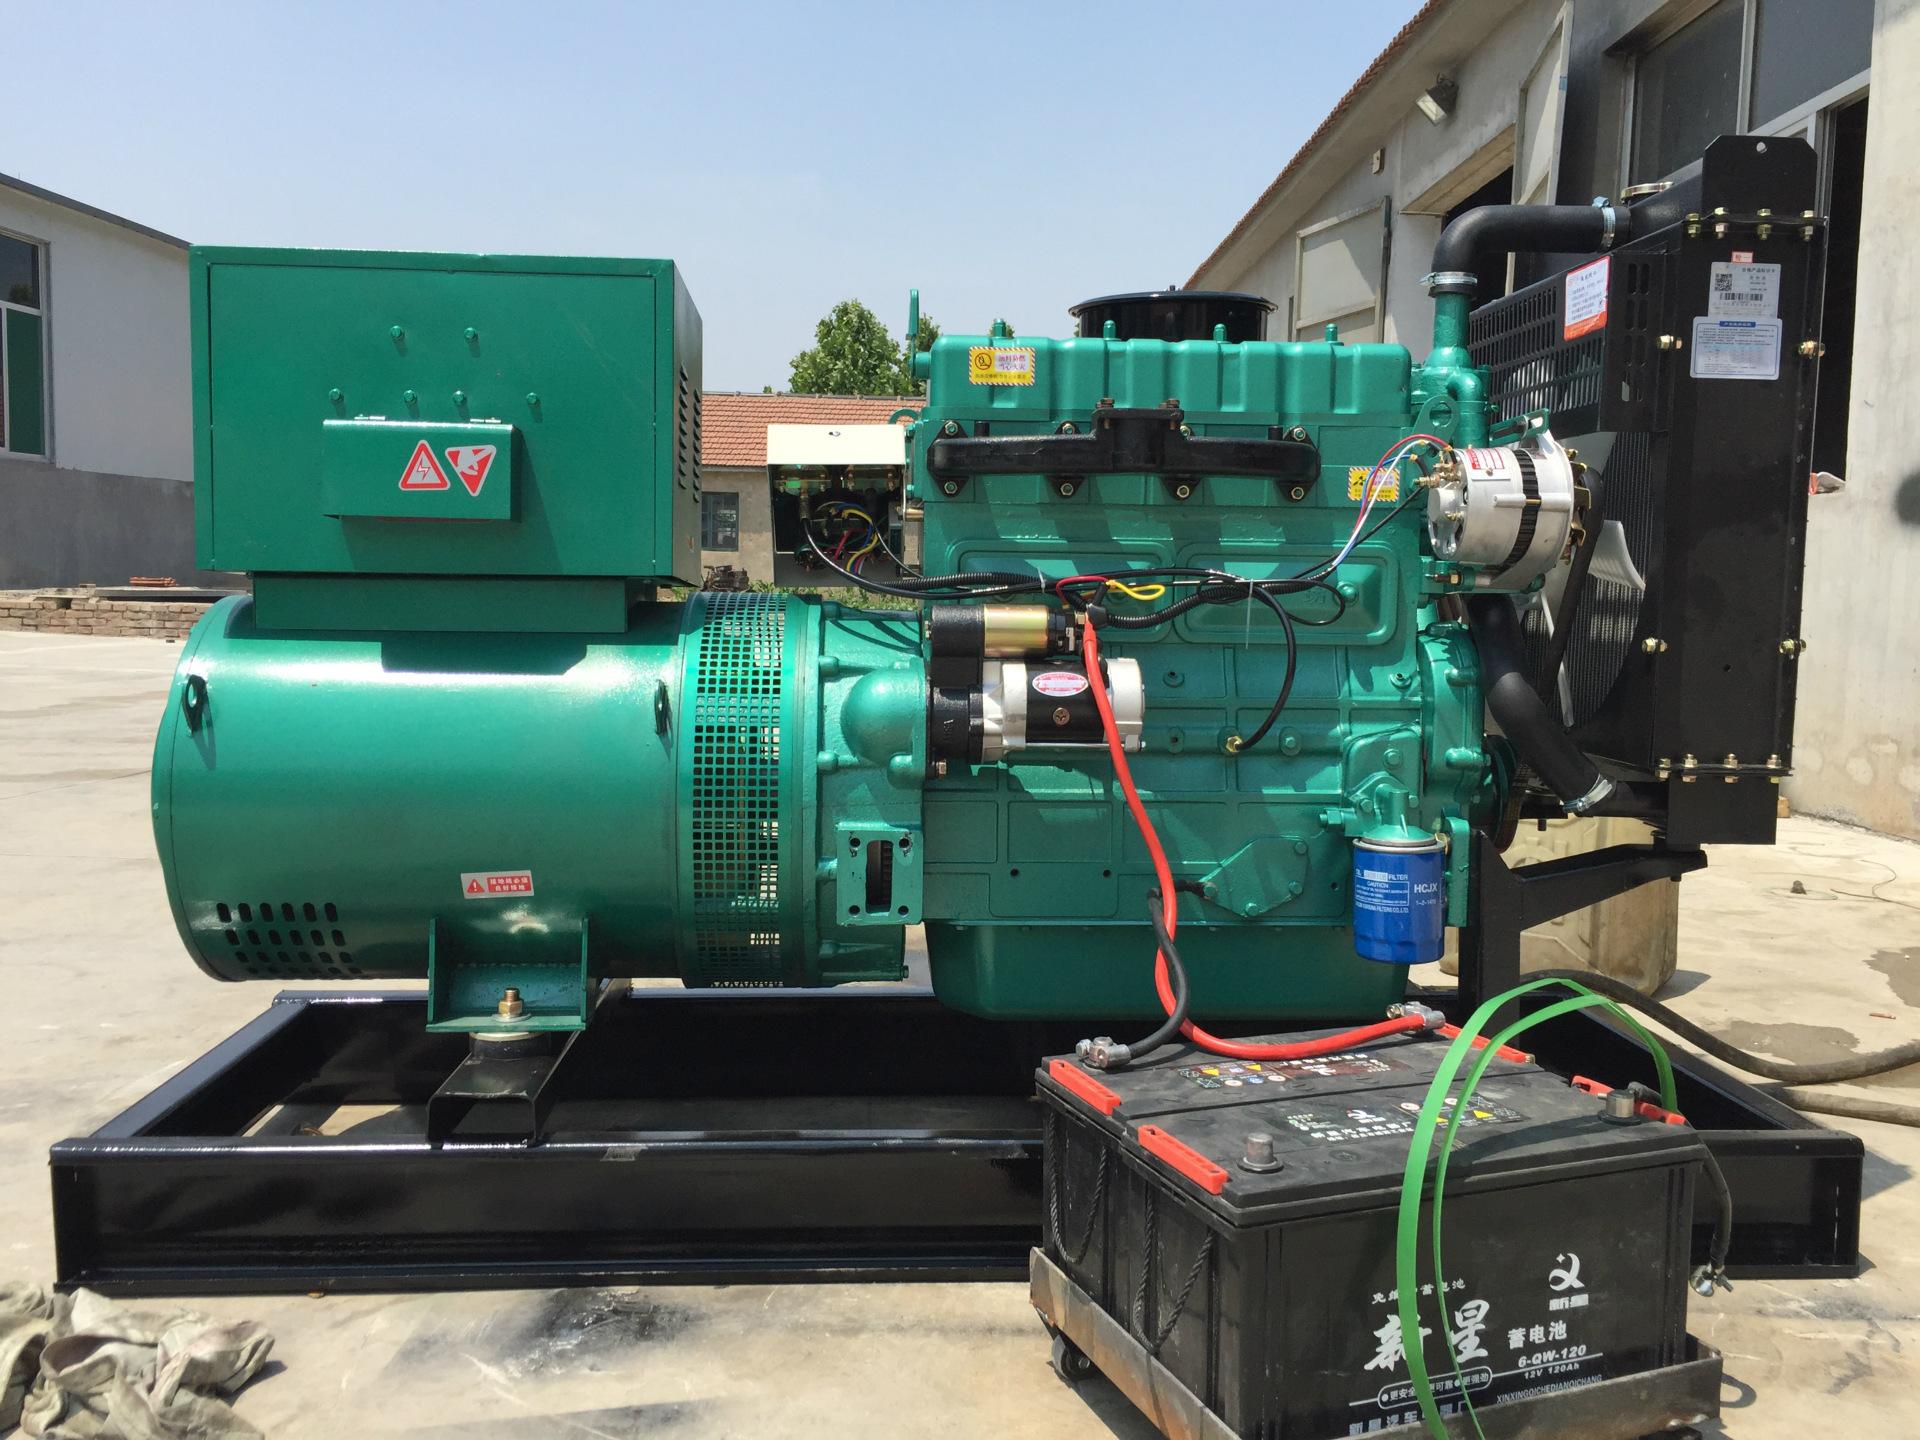 出售进口沃尔沃发电机5-800KW发电机组 发电 发电机